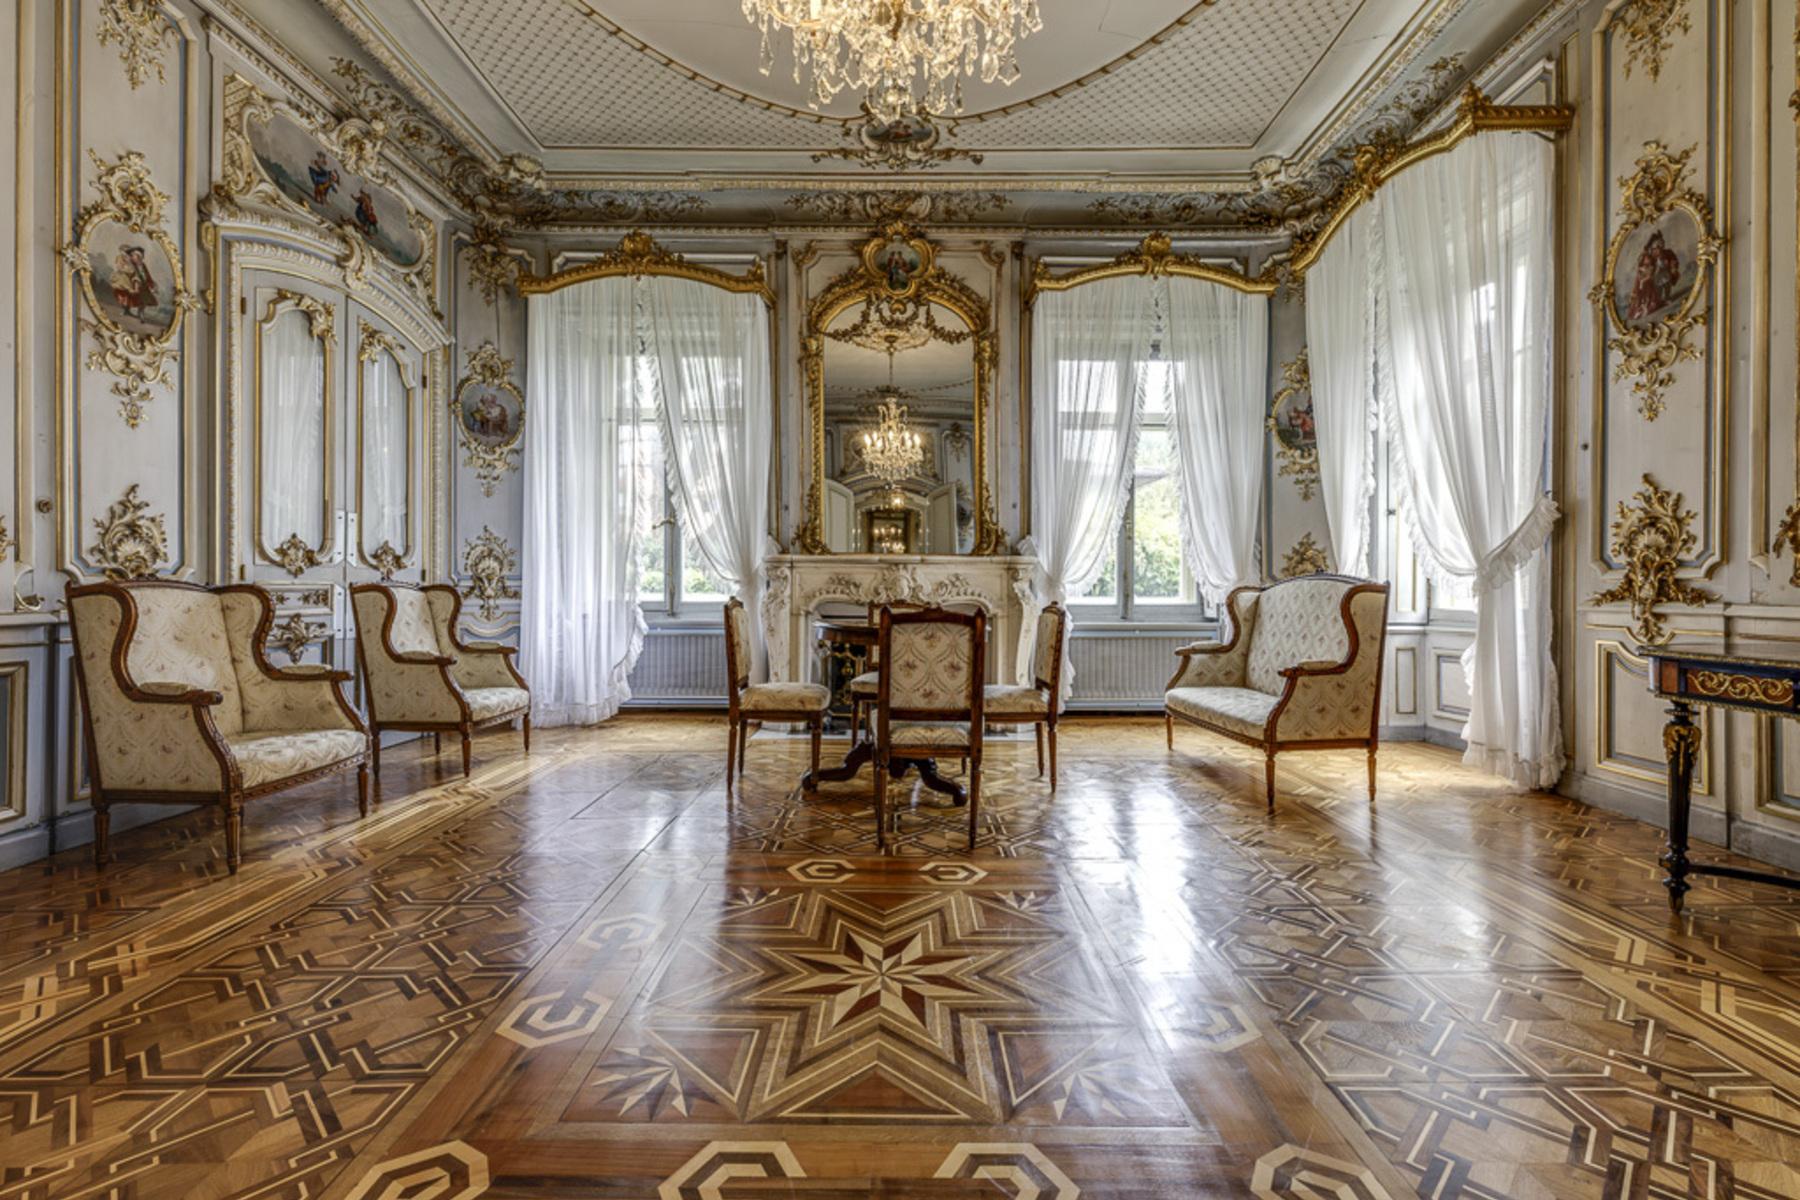 Maison unifamiliale pour l Vente à Superb mansion with an exceptional 5,700 m³ of volume Saxon, Other Switzerland, Autres Régions De La Suisse, 1907 Suisse